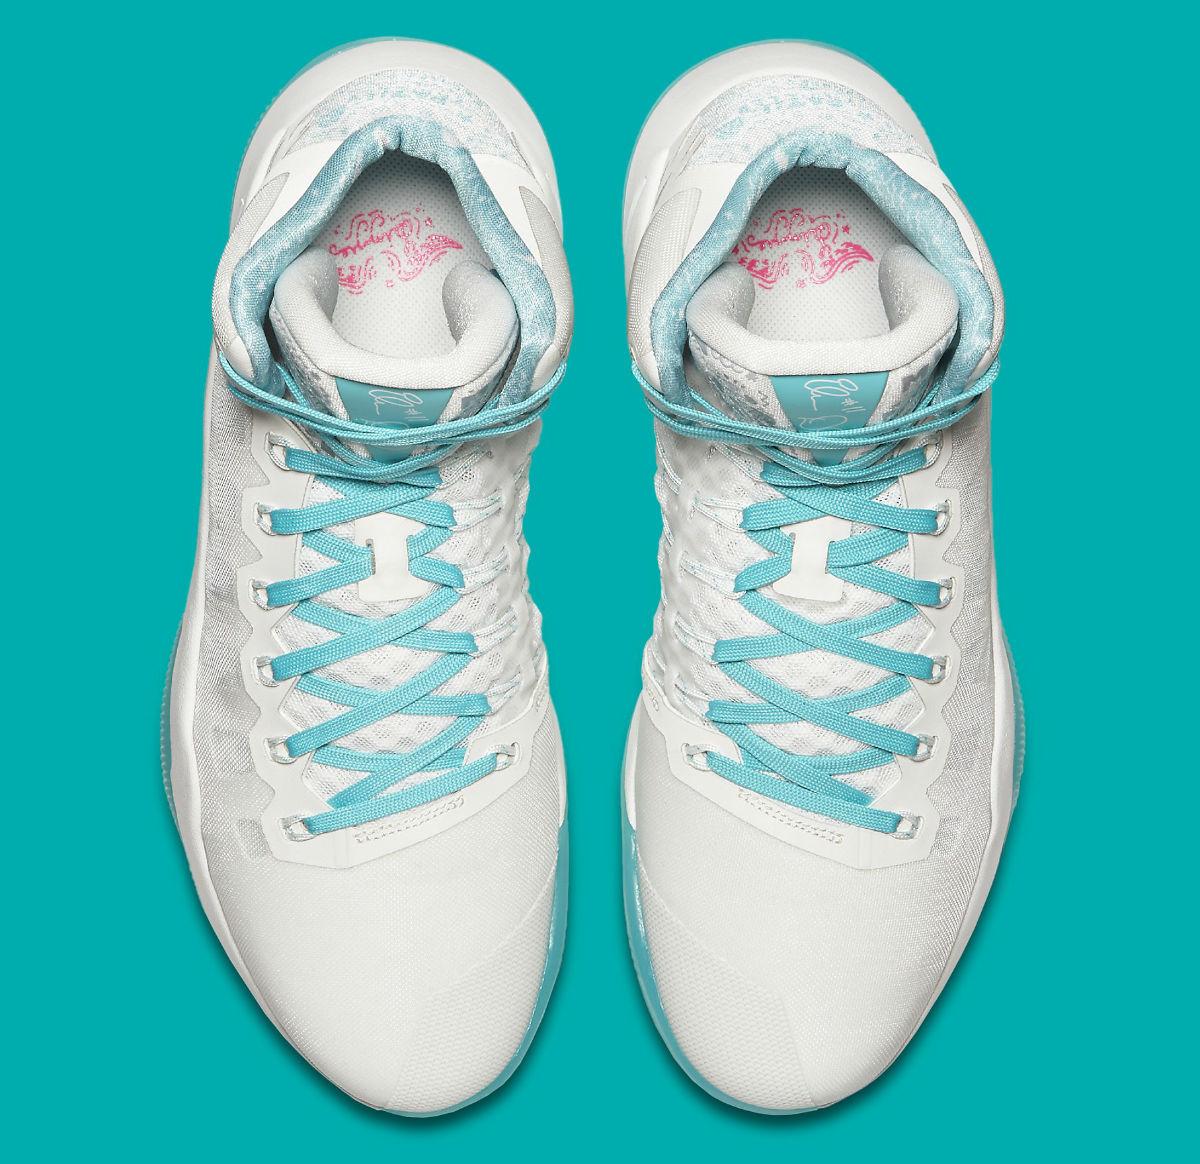 Nike Hyperdunk 2016 Elena Delle Donne PE Top 869484-999